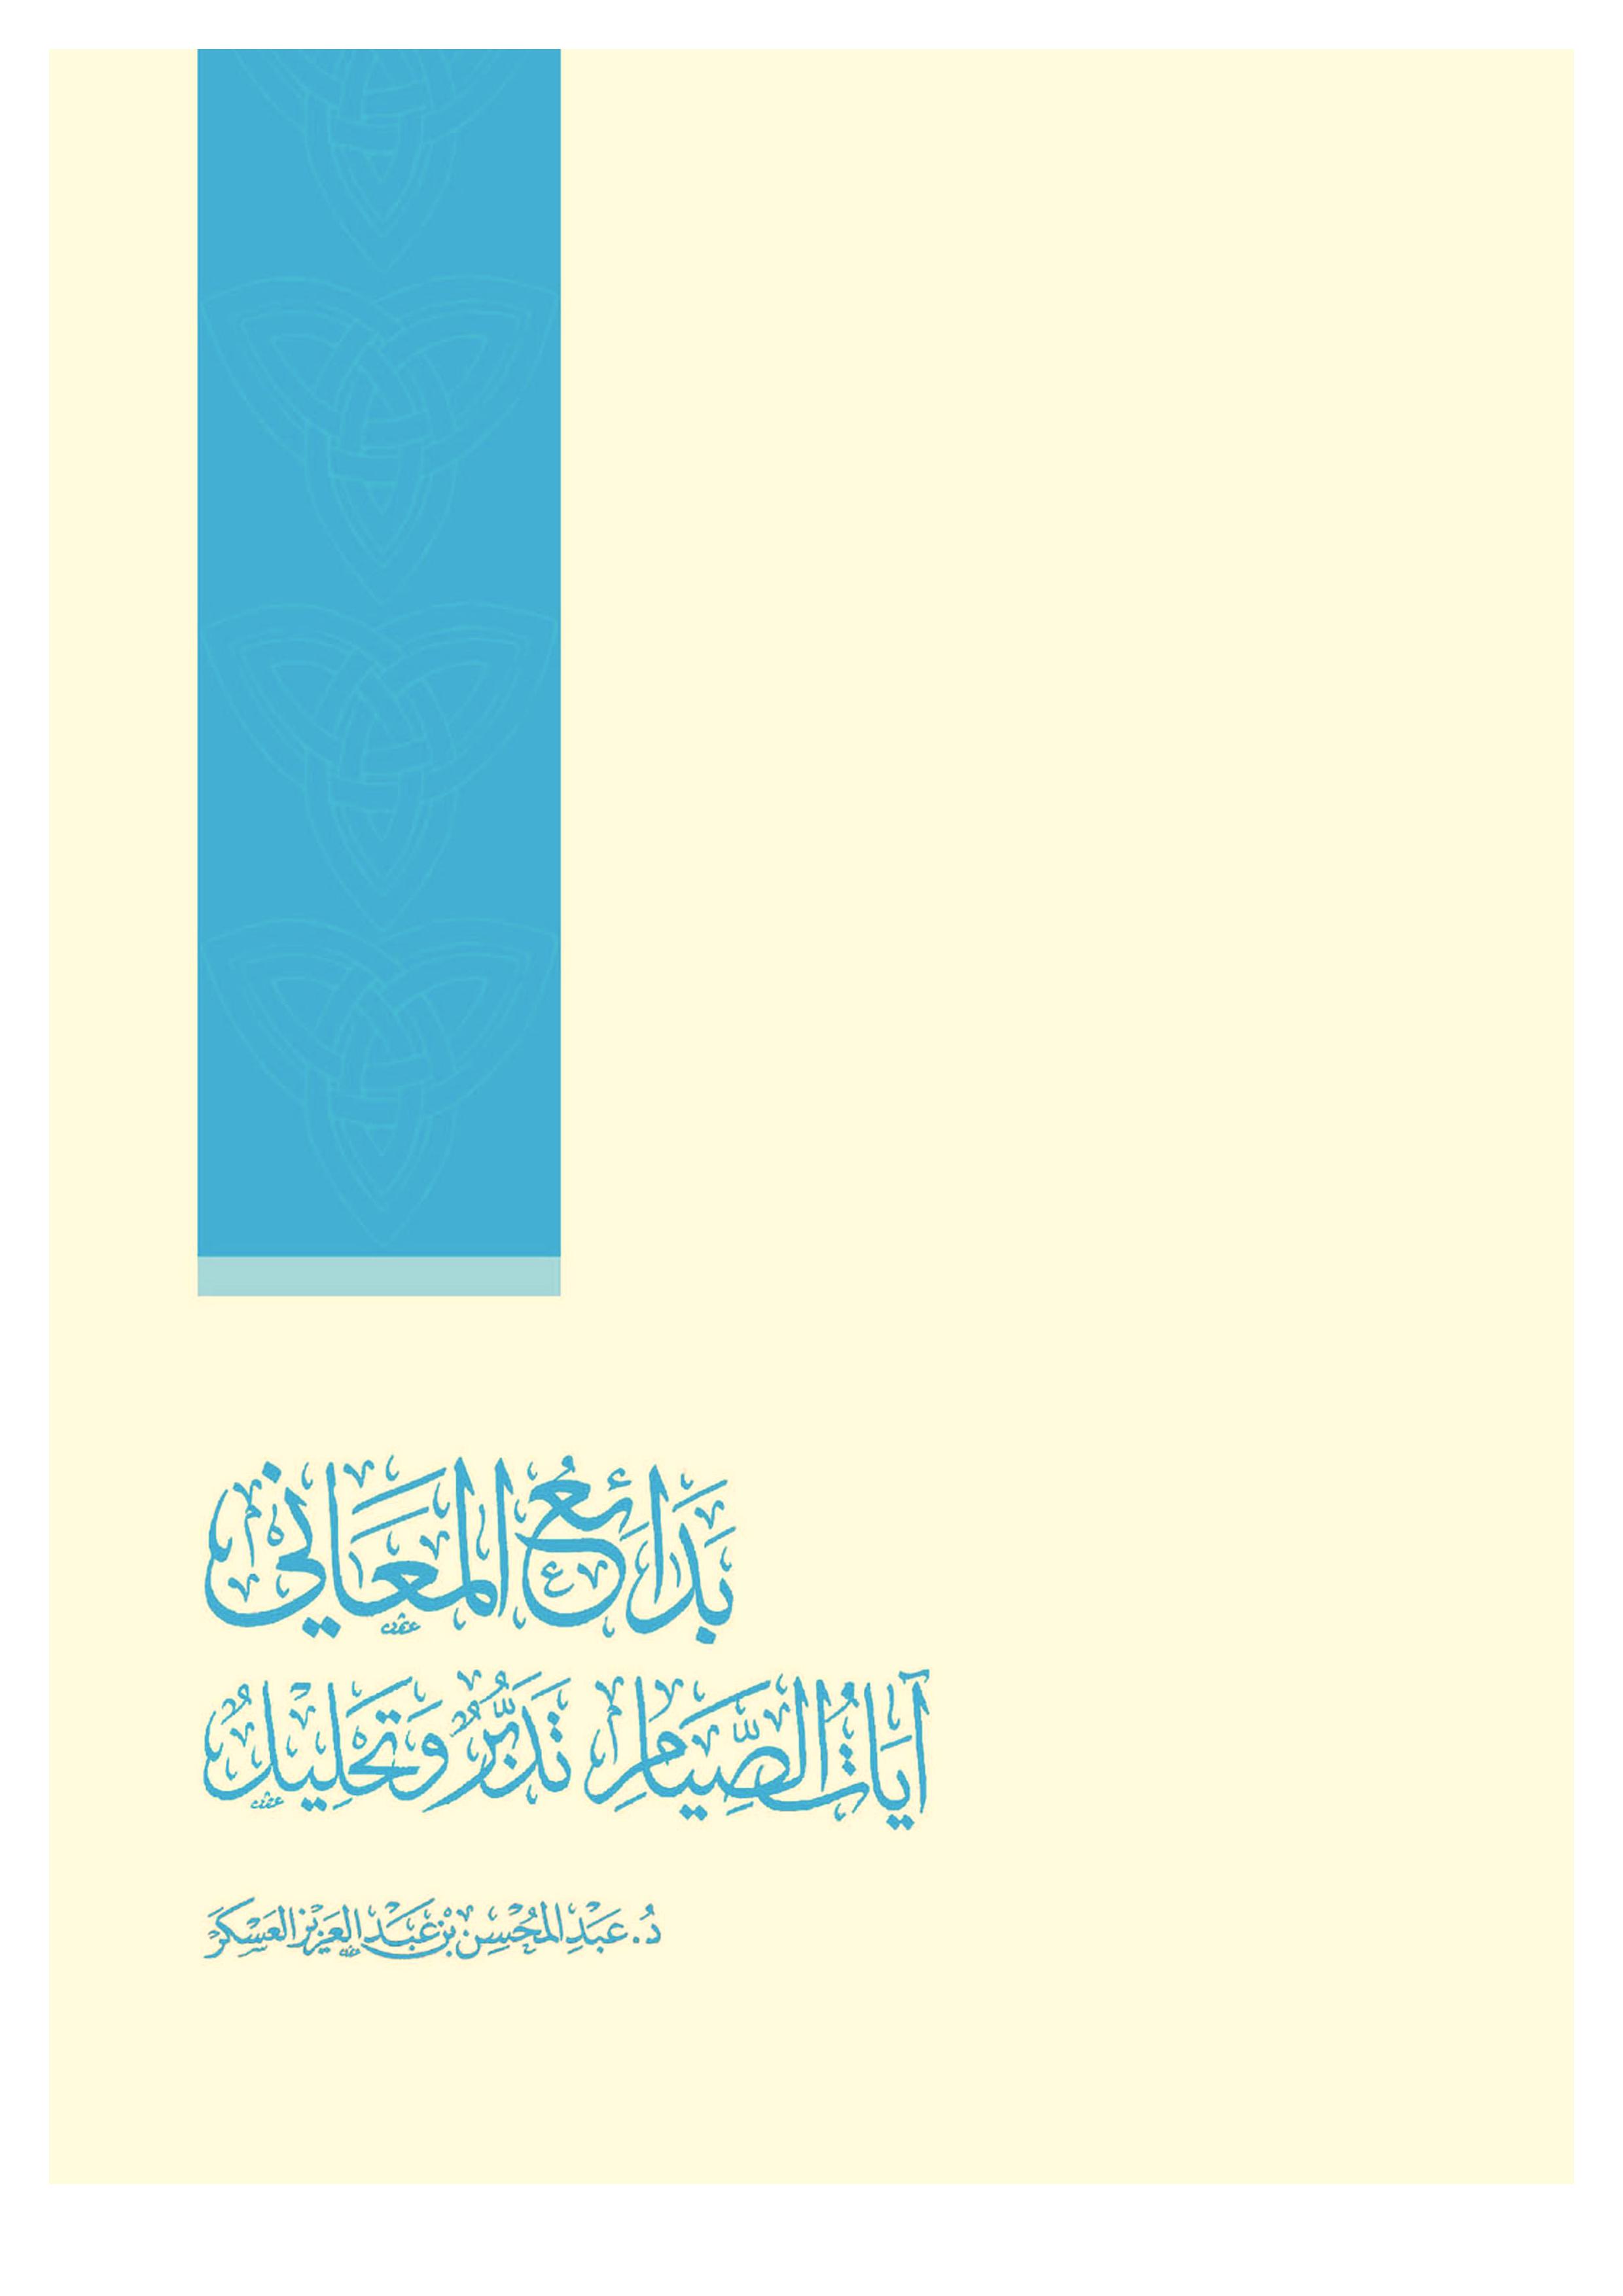 بدائع المعاني: آيات الصيام تدبر وتحليل - عبد المحسن بن عبد العزيز العسكر